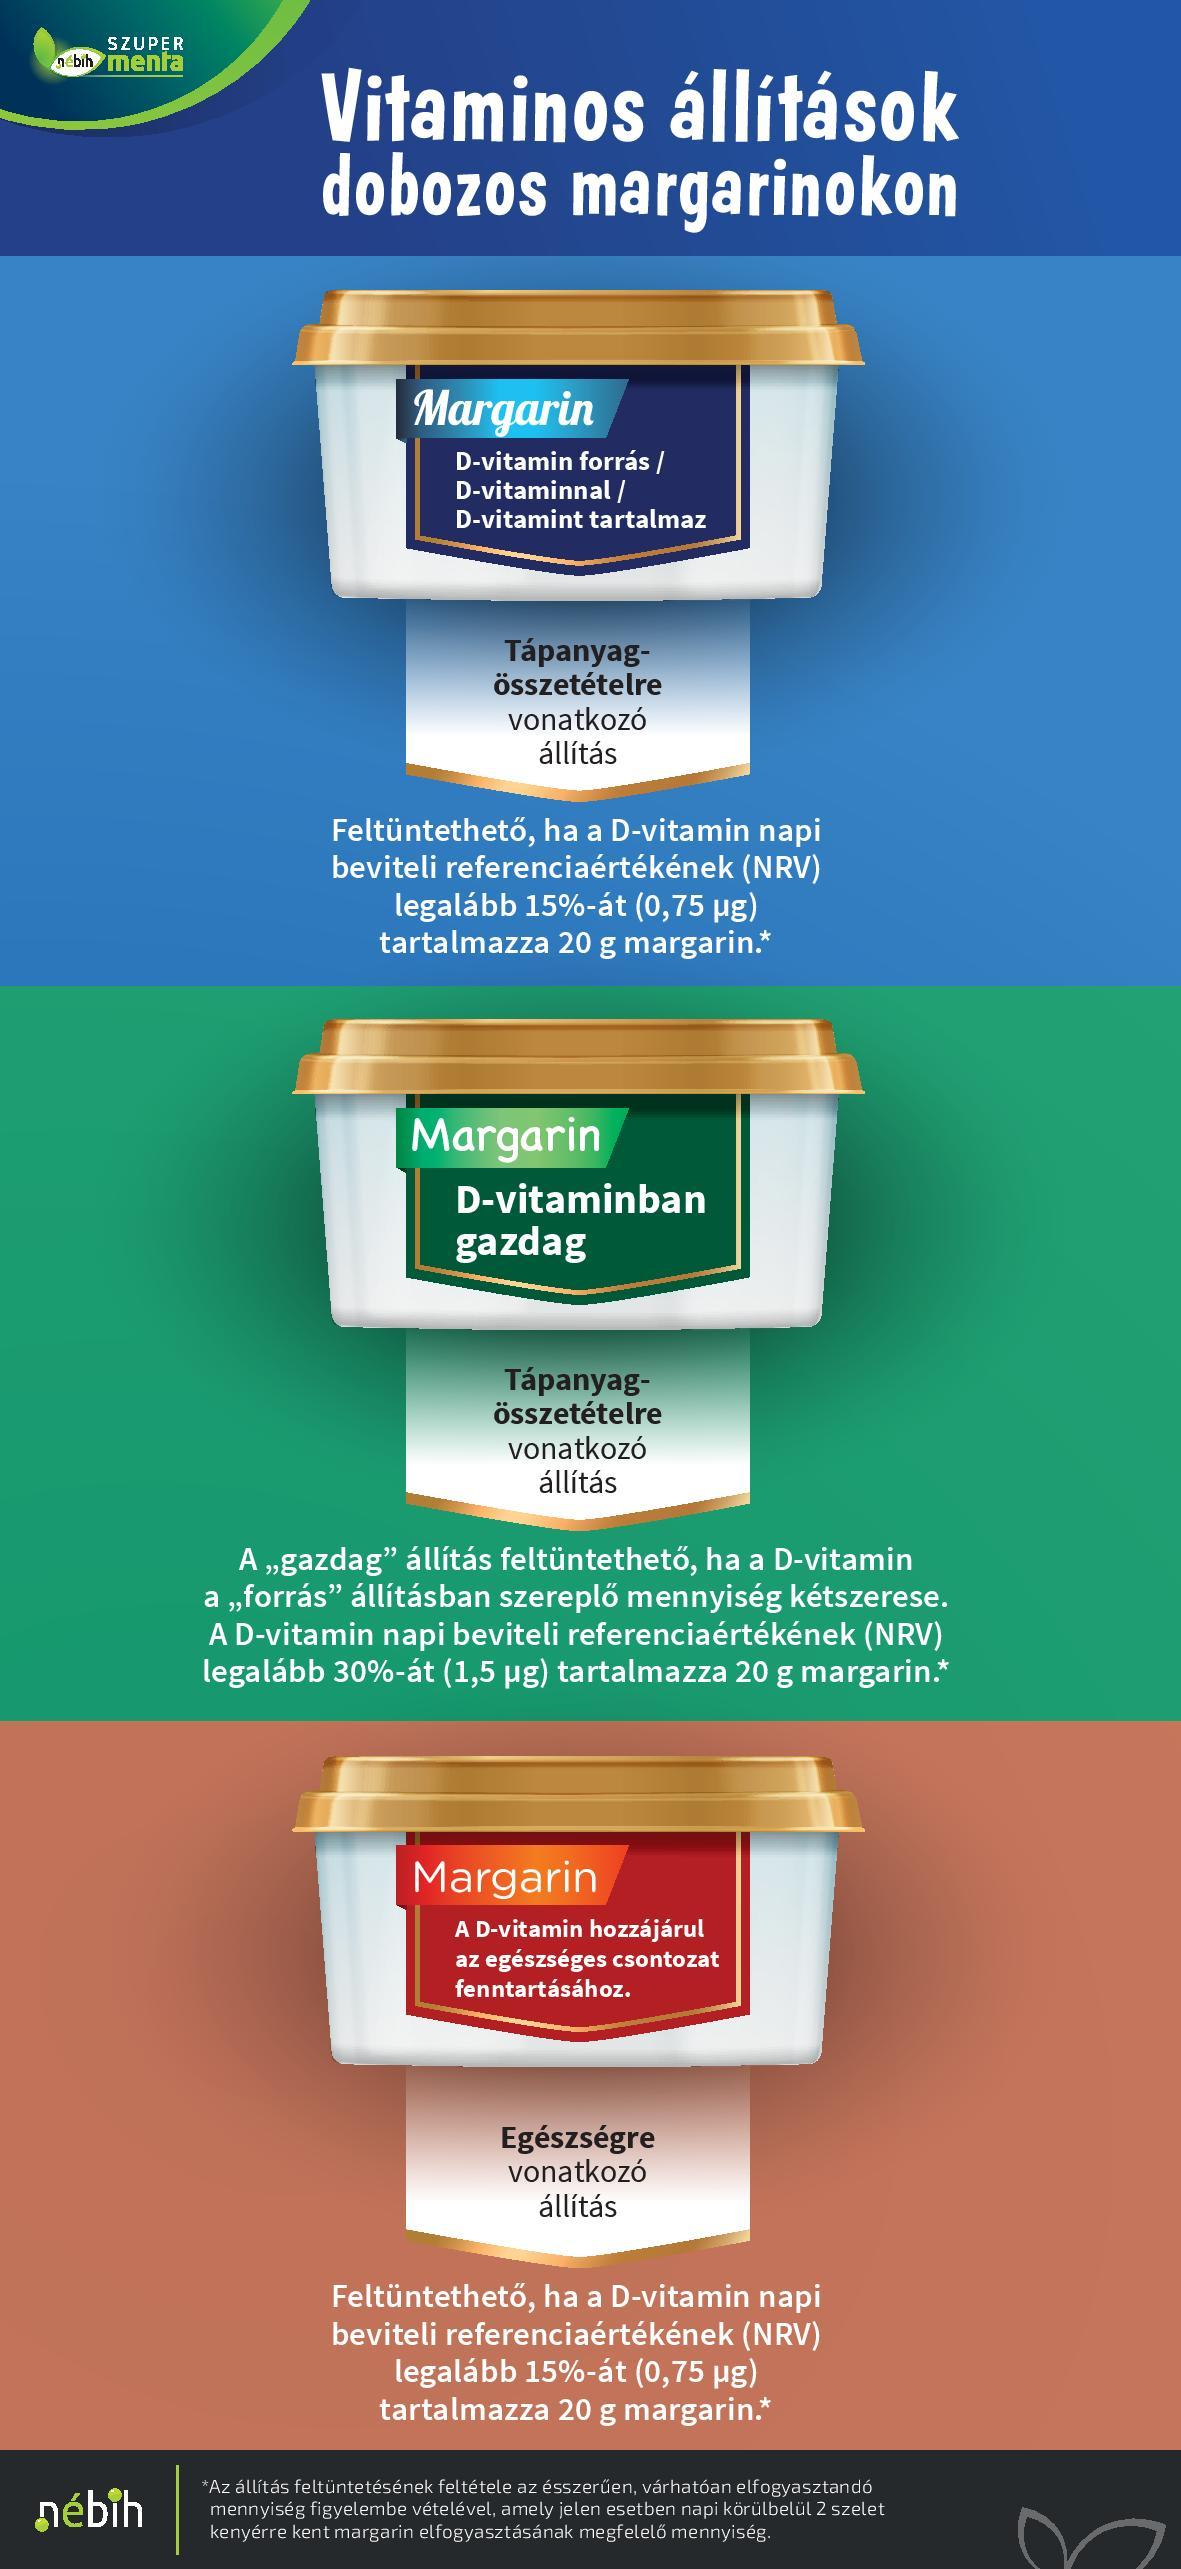 margarinok vitamin